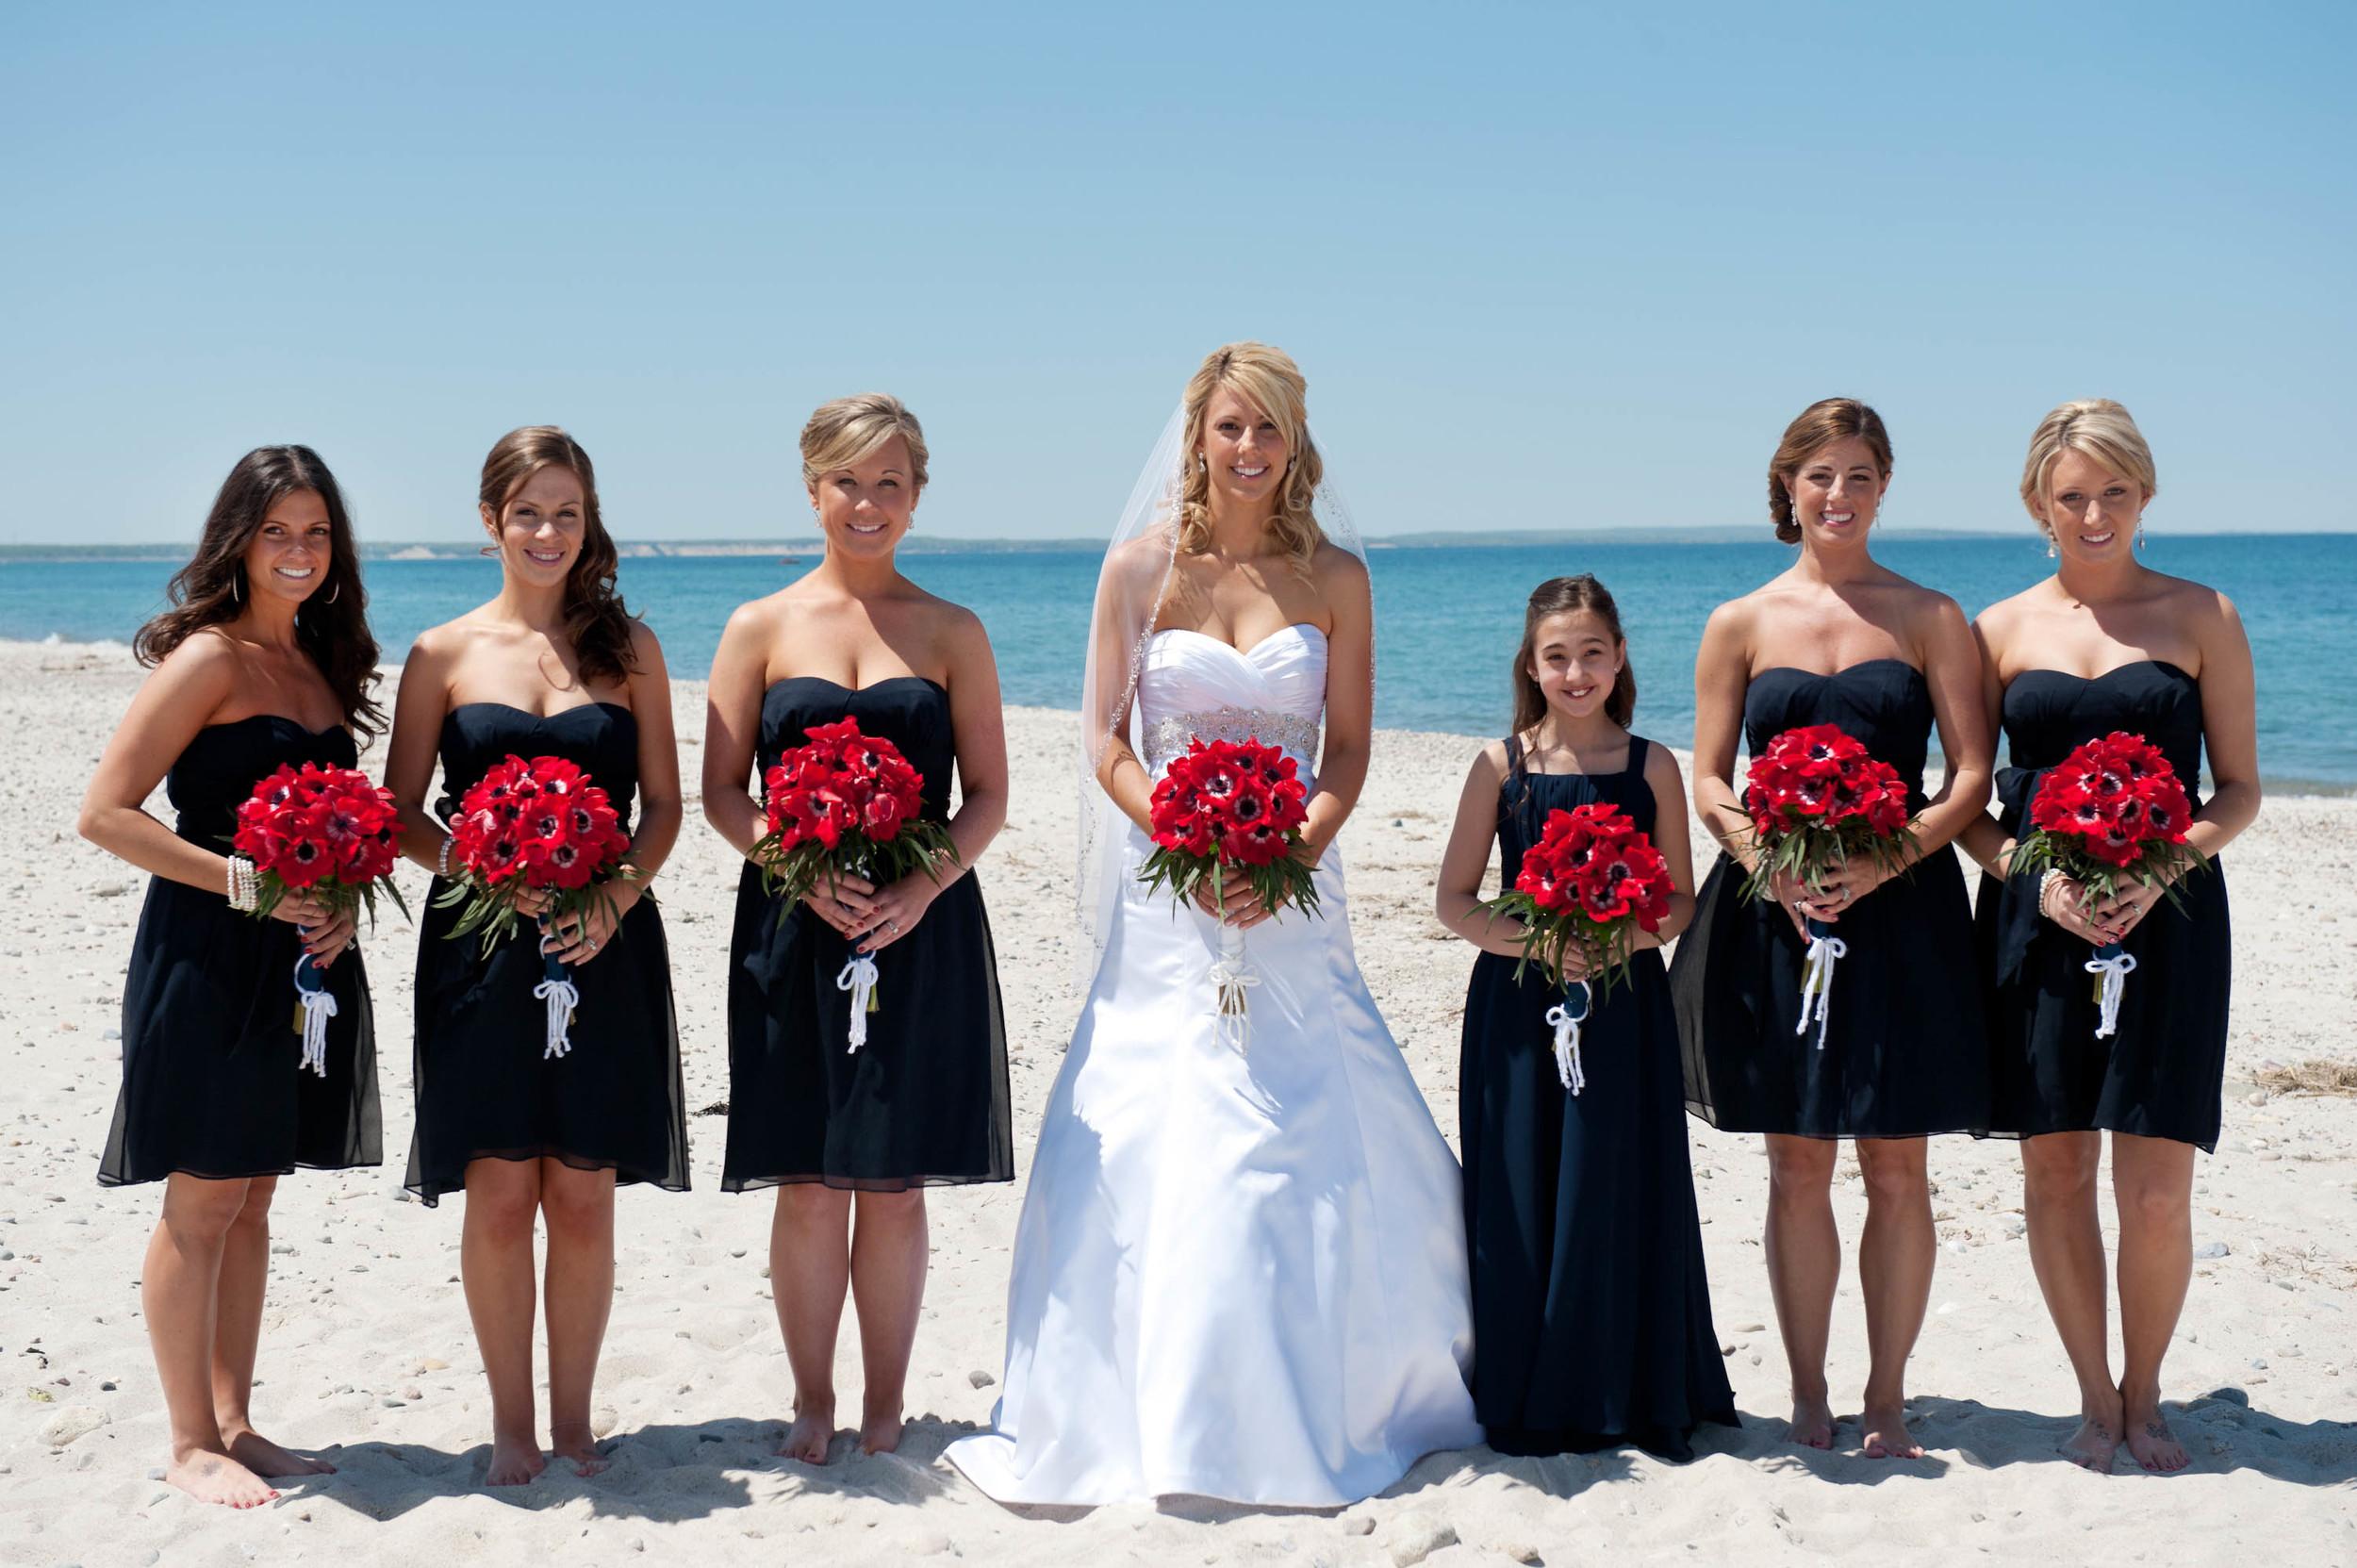 Ridge_Club_Cape_Cod_Wedding-12.jpg